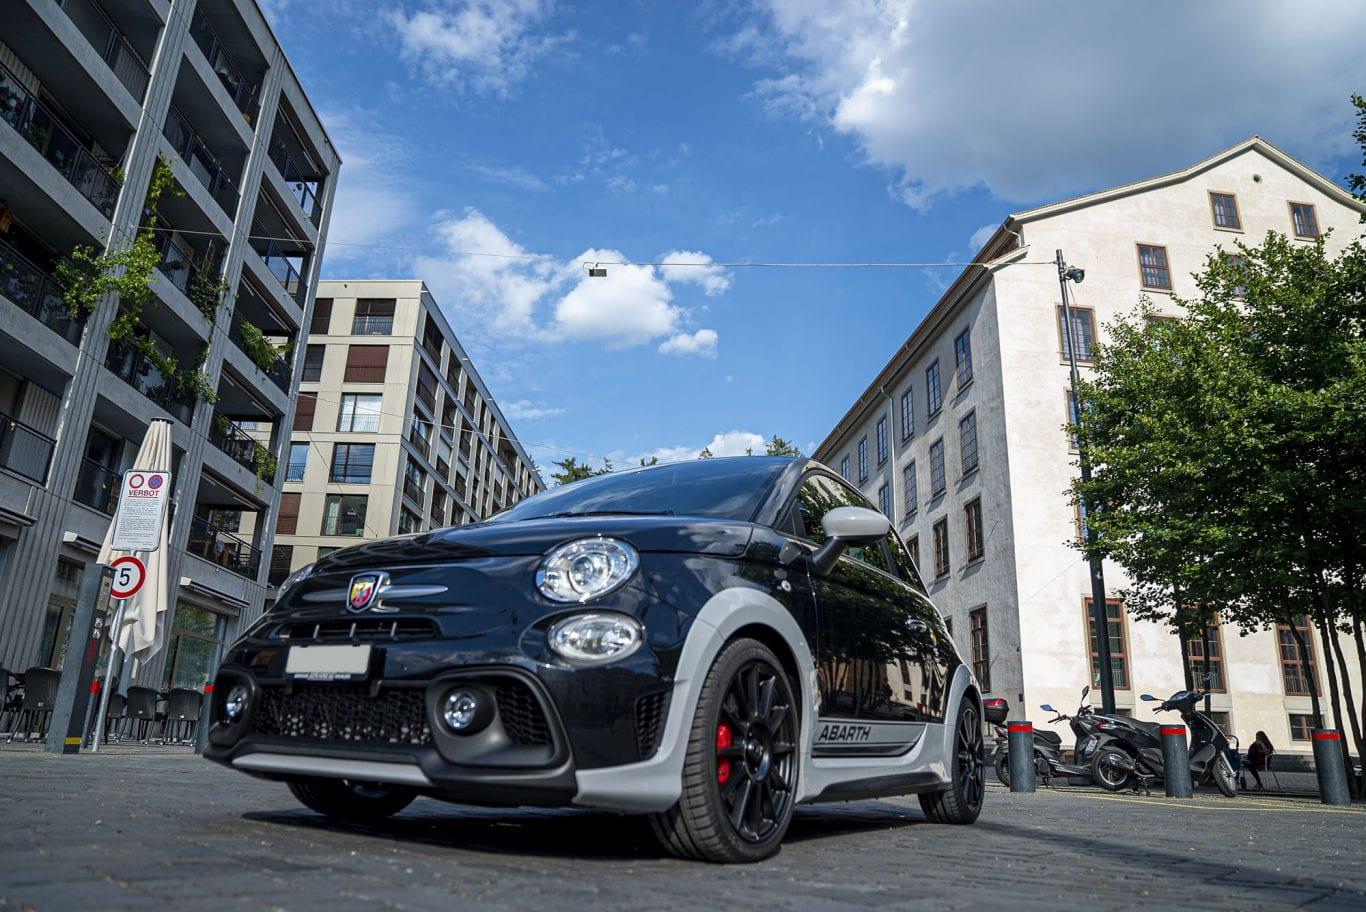 Fiat 500 Abarth 695 70 Anniversario: Fiat, wir müssen reden - Auto Kunz AG 3